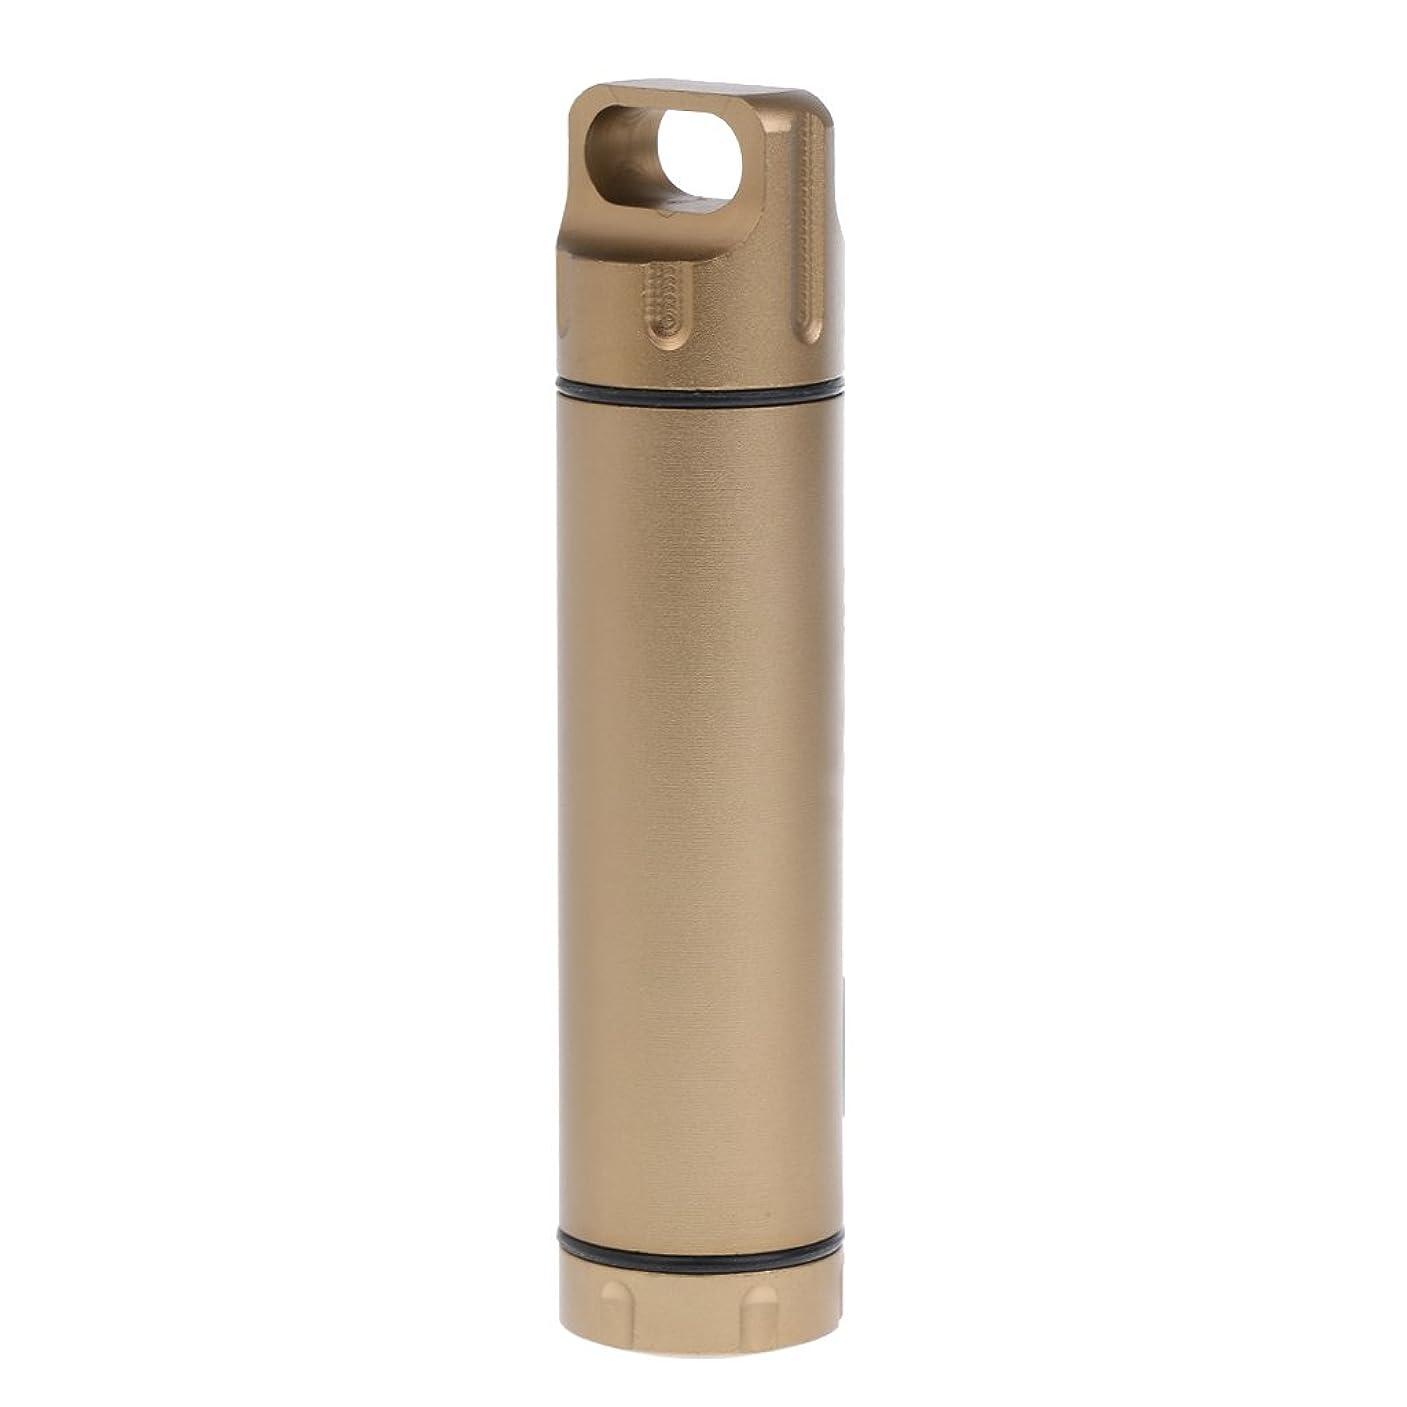 T TOOYFUL ピルボックス ピルケース 合金 楊枝 小物収納ボックス 防水 携帯可能 全3色 - シャンパン